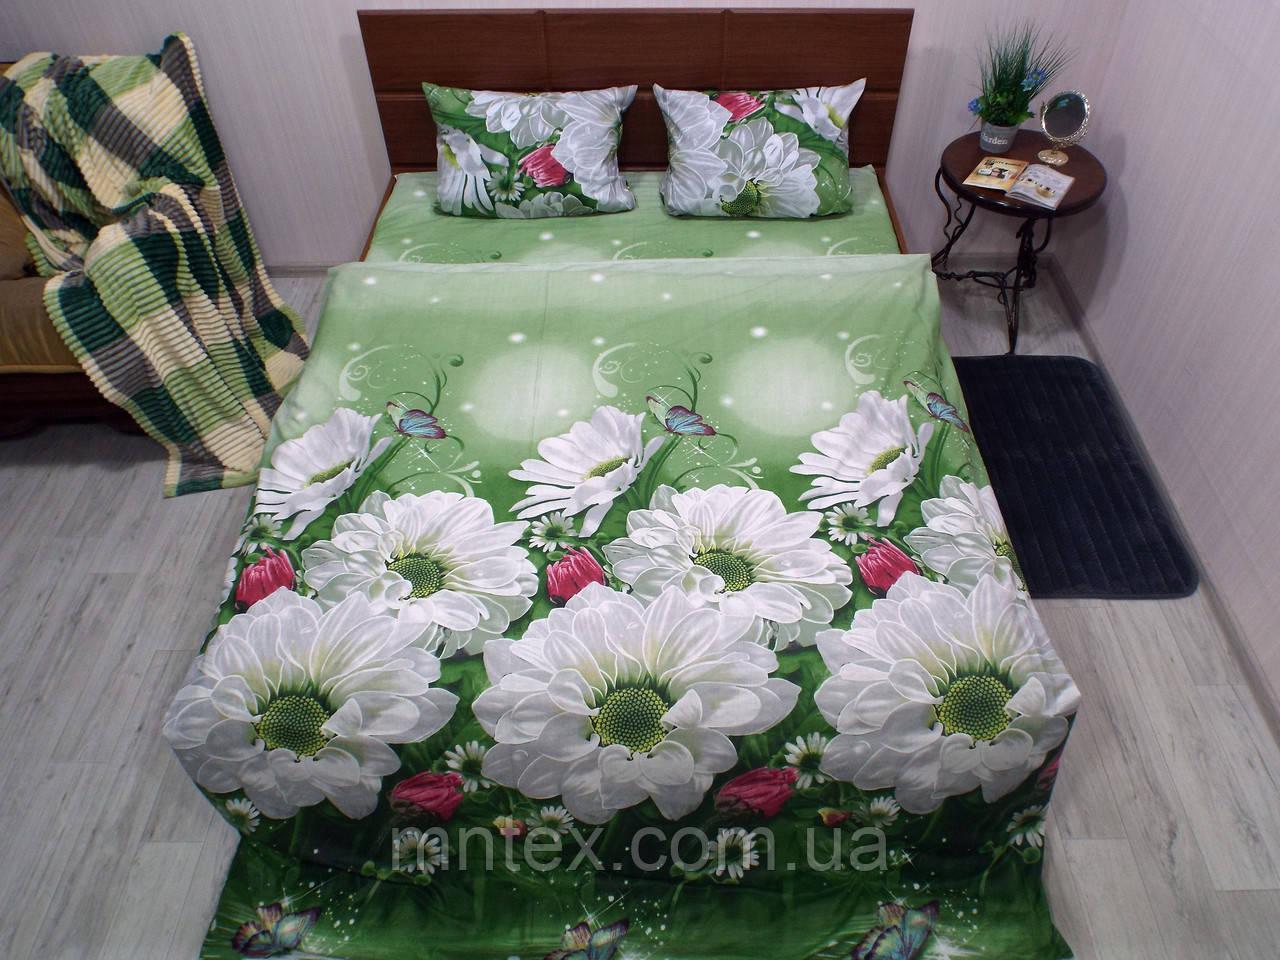 Комплект постельного белья бязь Голд Утро